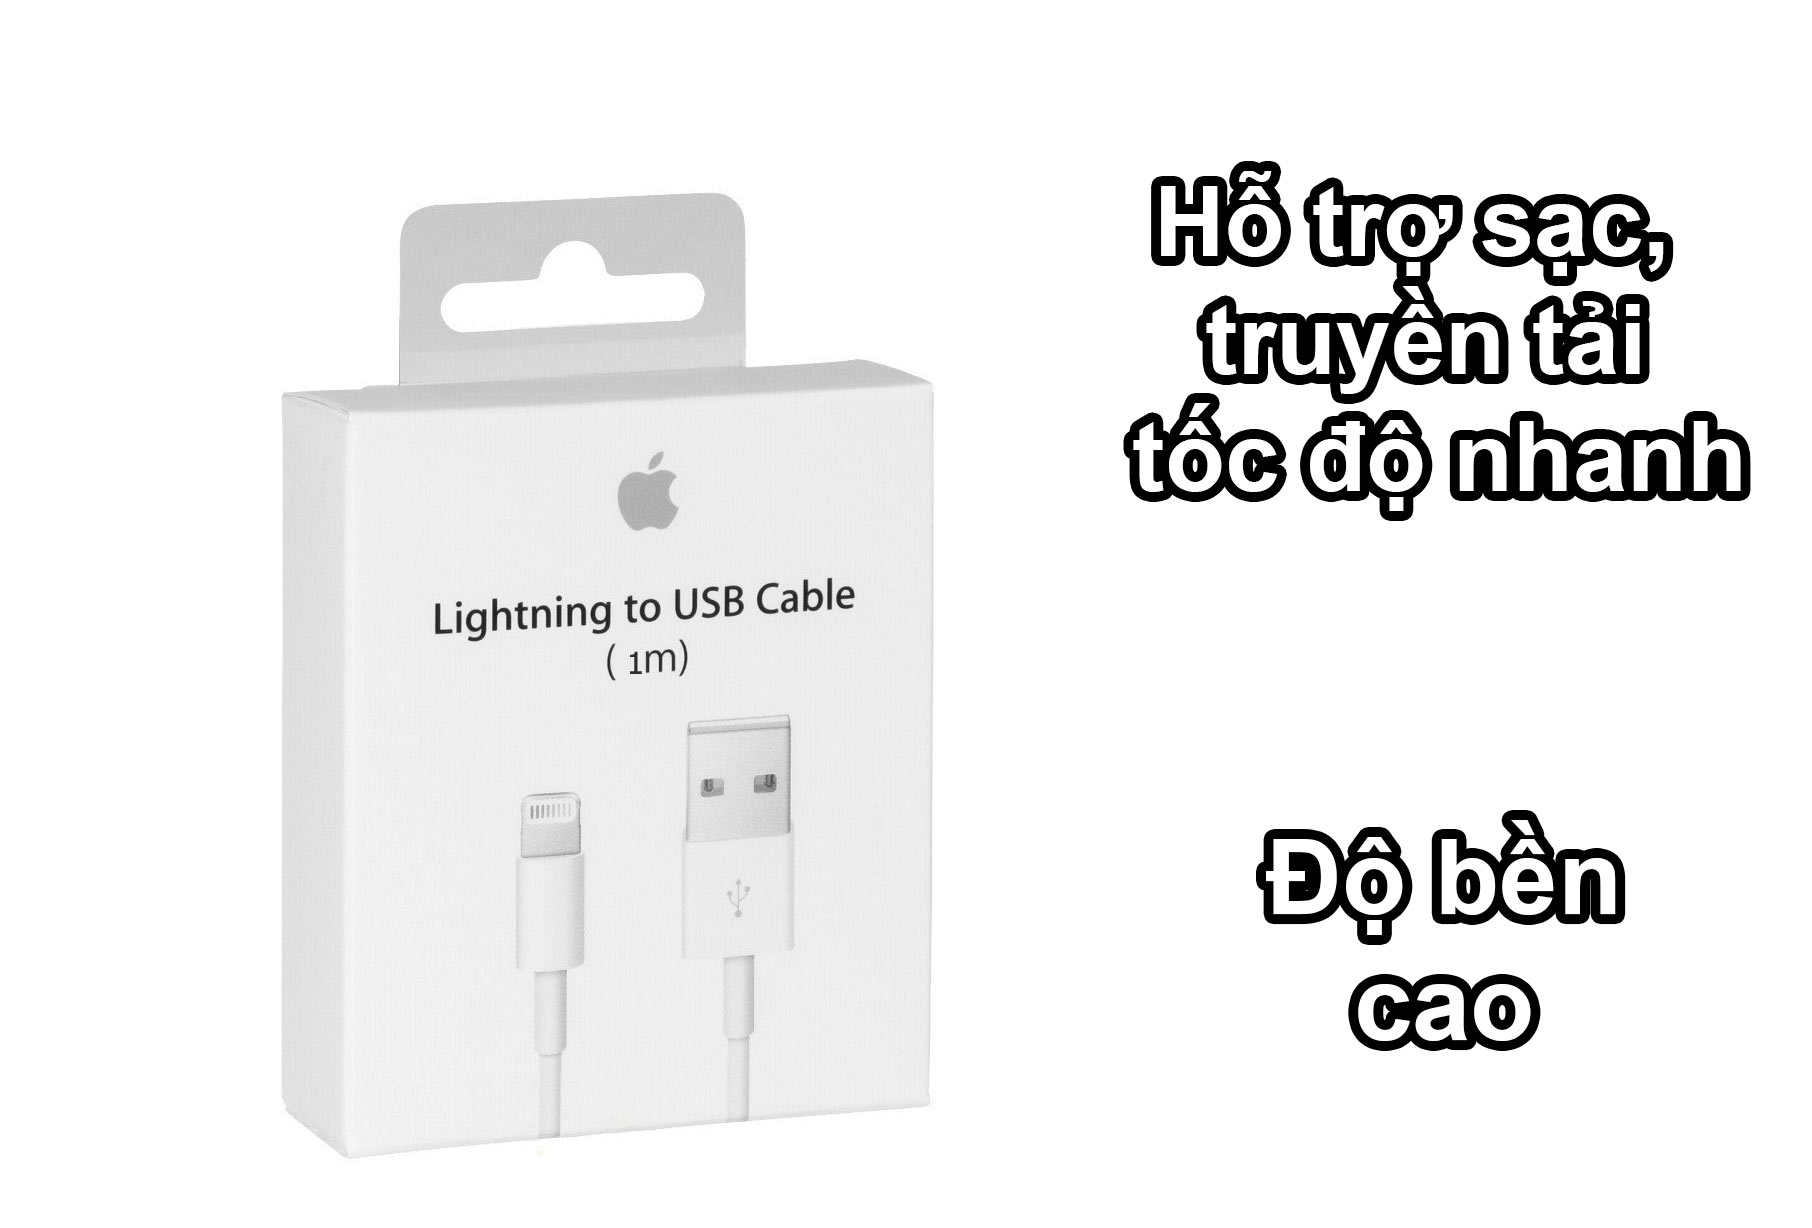 Cáp sạc Apple Lightning To Usb 1 mét | Hỗ trợ sạc nhanh độ bền cao